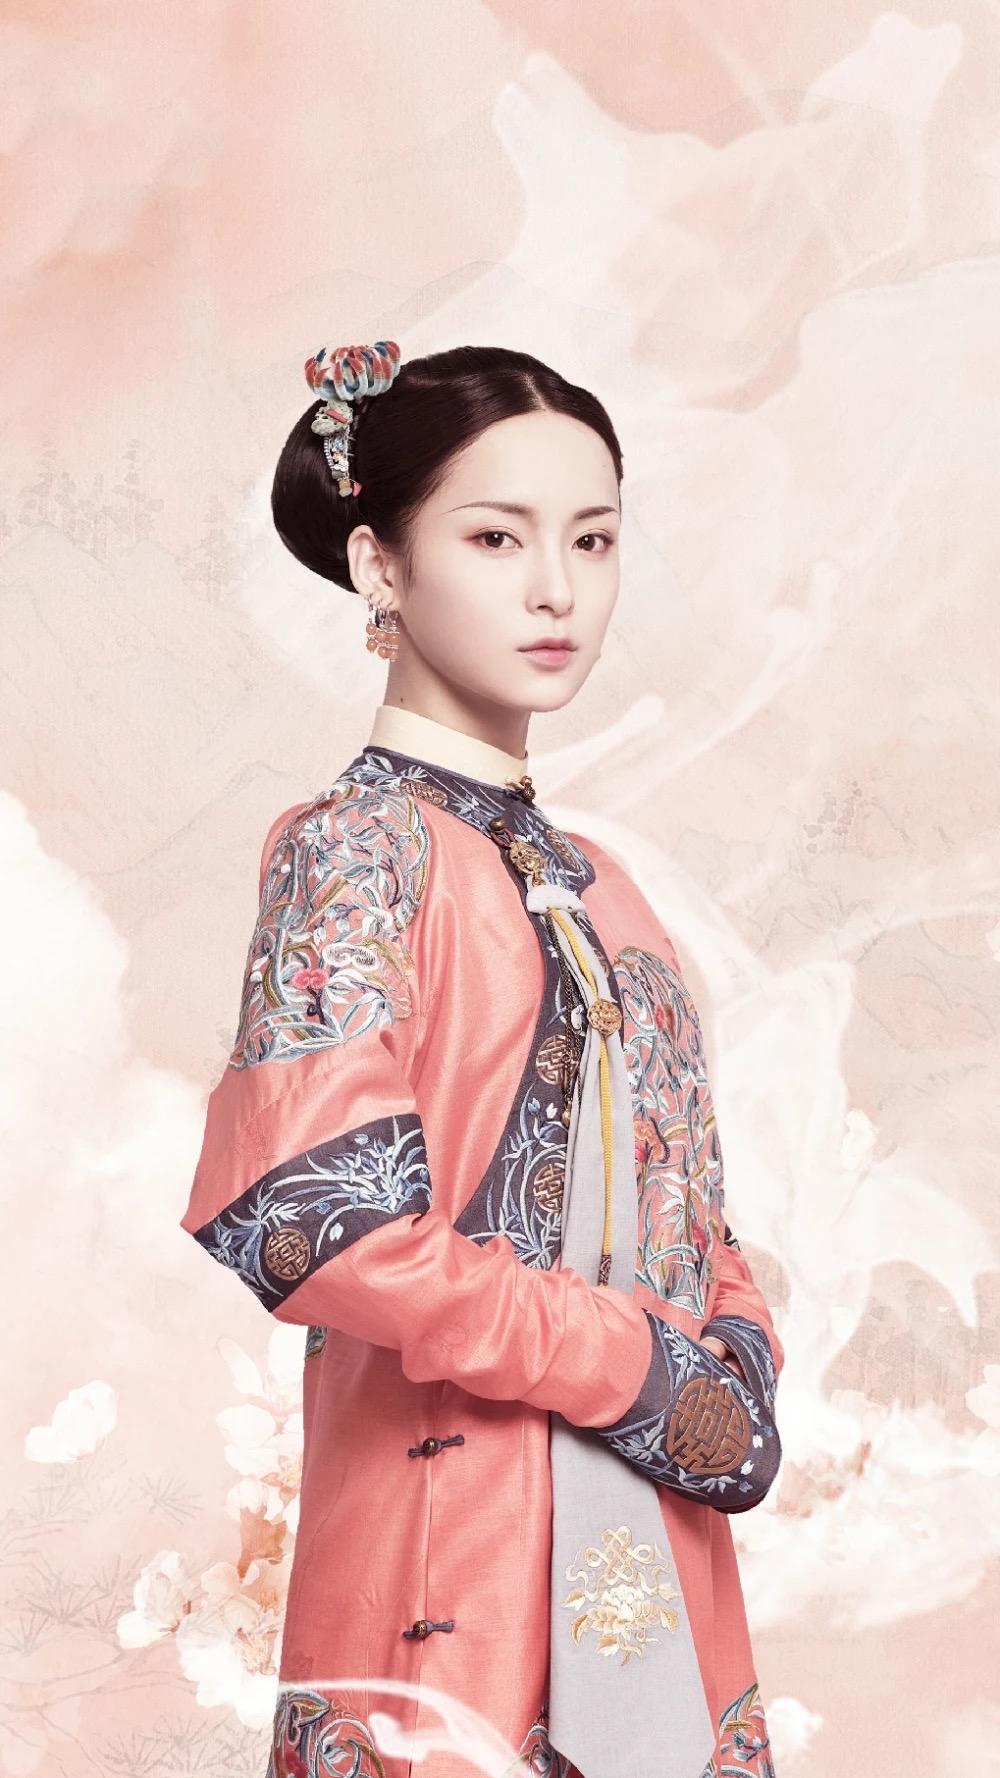 清穿三座大山都拍摄成电视剧,可只有刘诗诗这部最火插图(11)